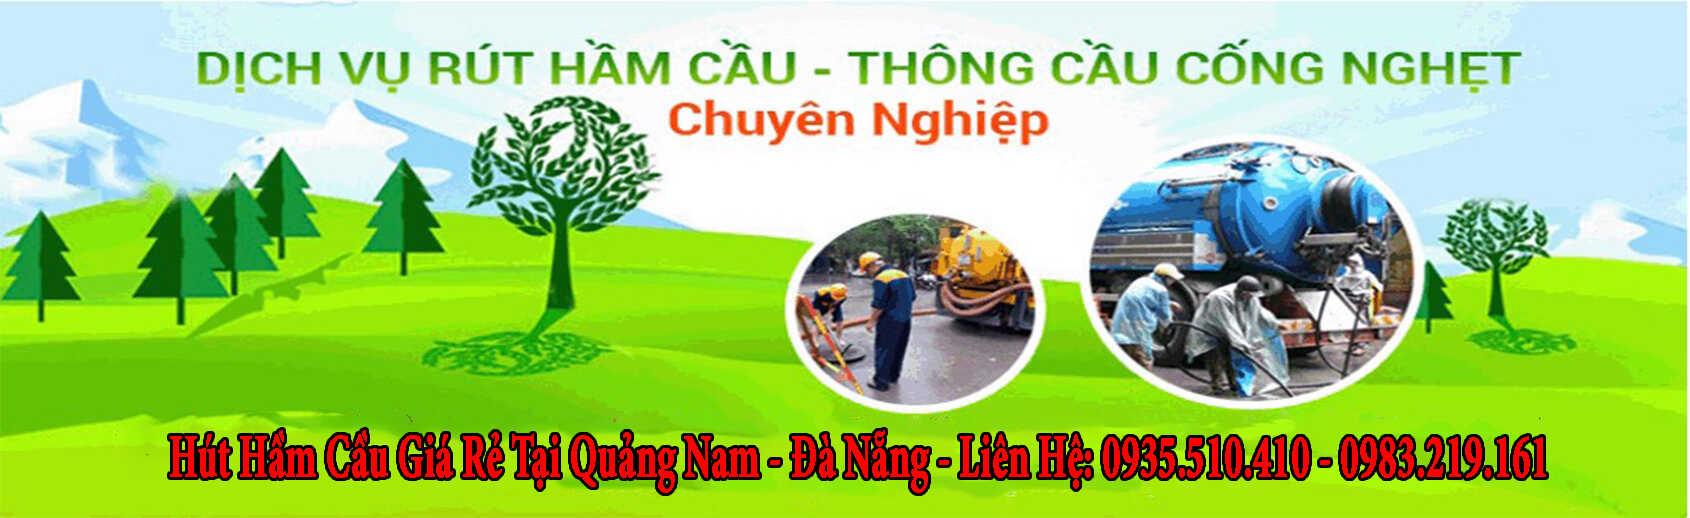 Công ty TNHH Thành Đạt